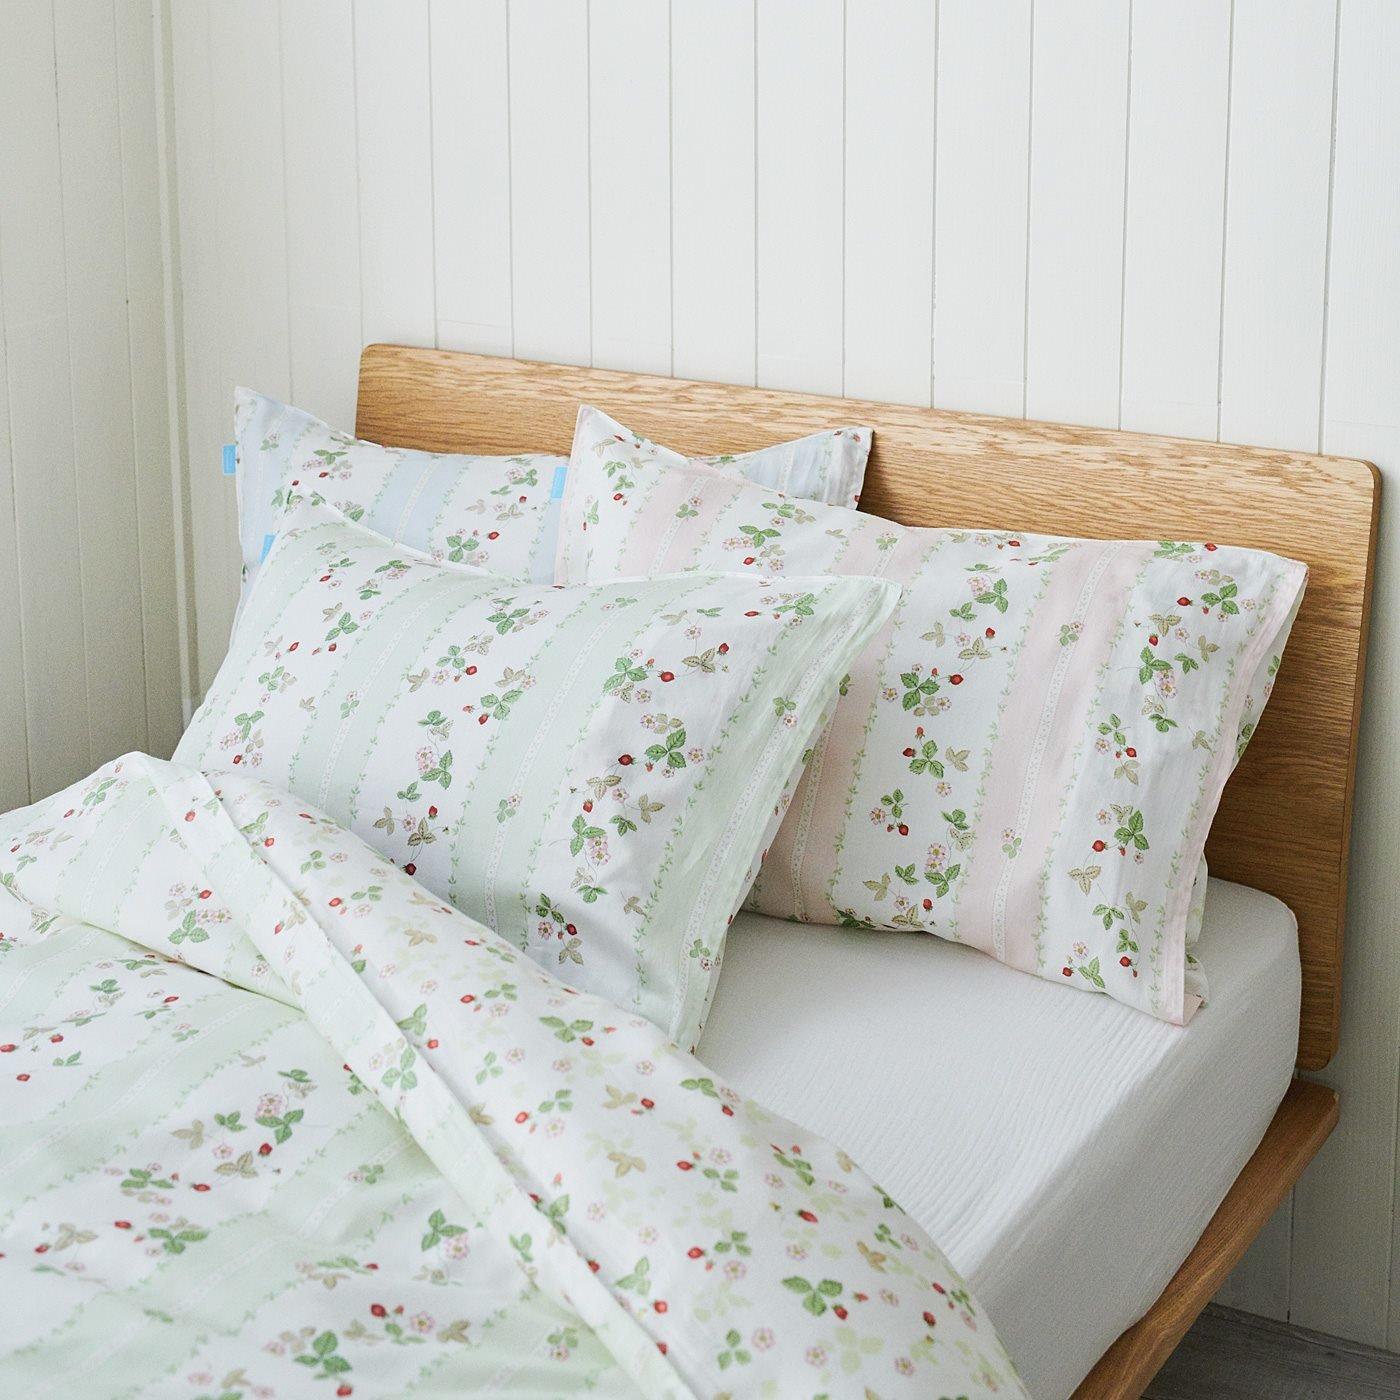 ウェッジウッド 英国人が愛したいちごのデザインで眠る サテン織り綿100%枕カバー ワイルド ストロベリー